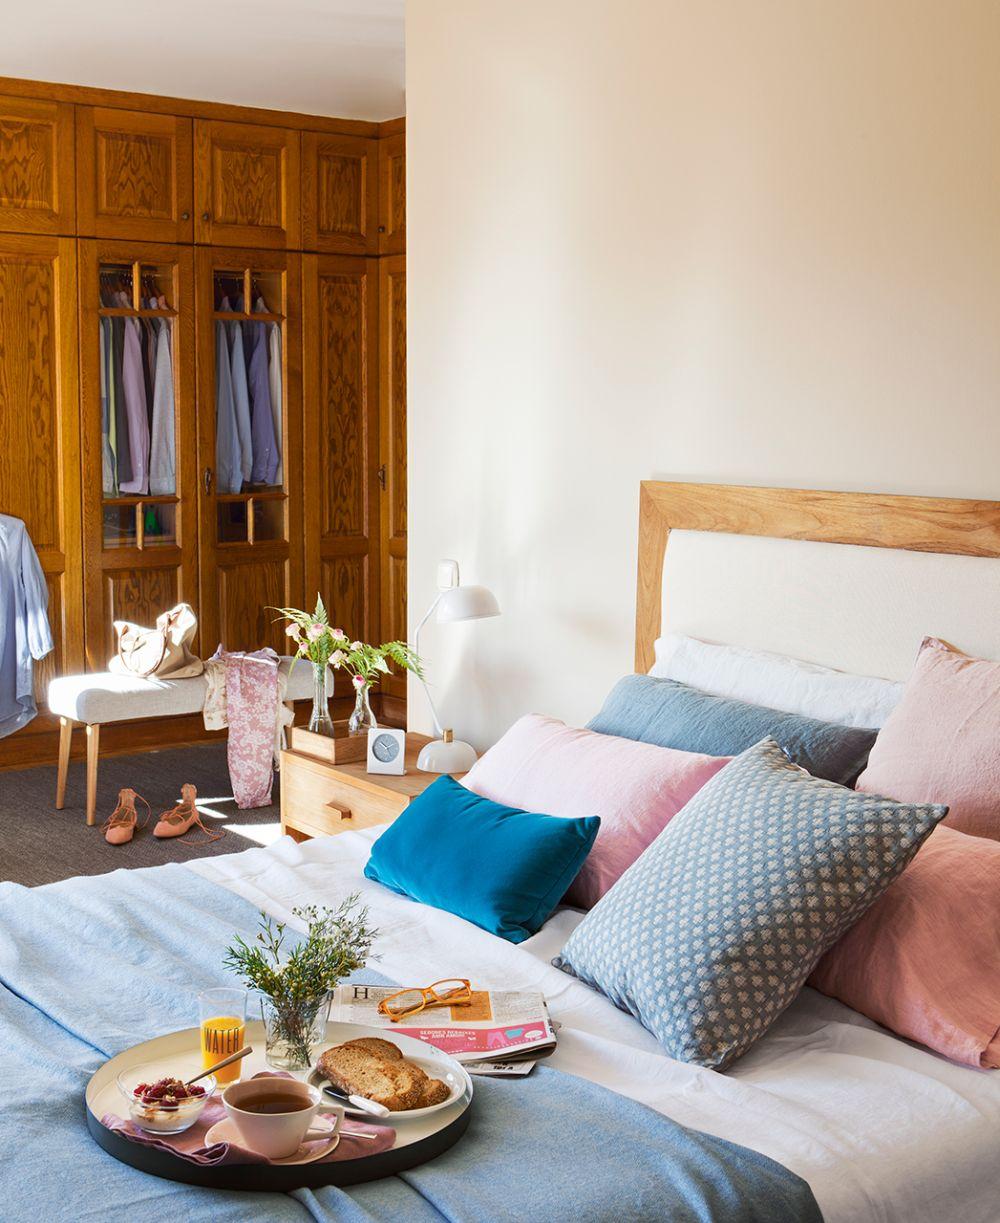 adelaparvu-com-despre-casa-renovata-ca-sa-fie-mai-luminoasa-spania-designer-martha-prats-foto-ferran-freixa-elmueble-4